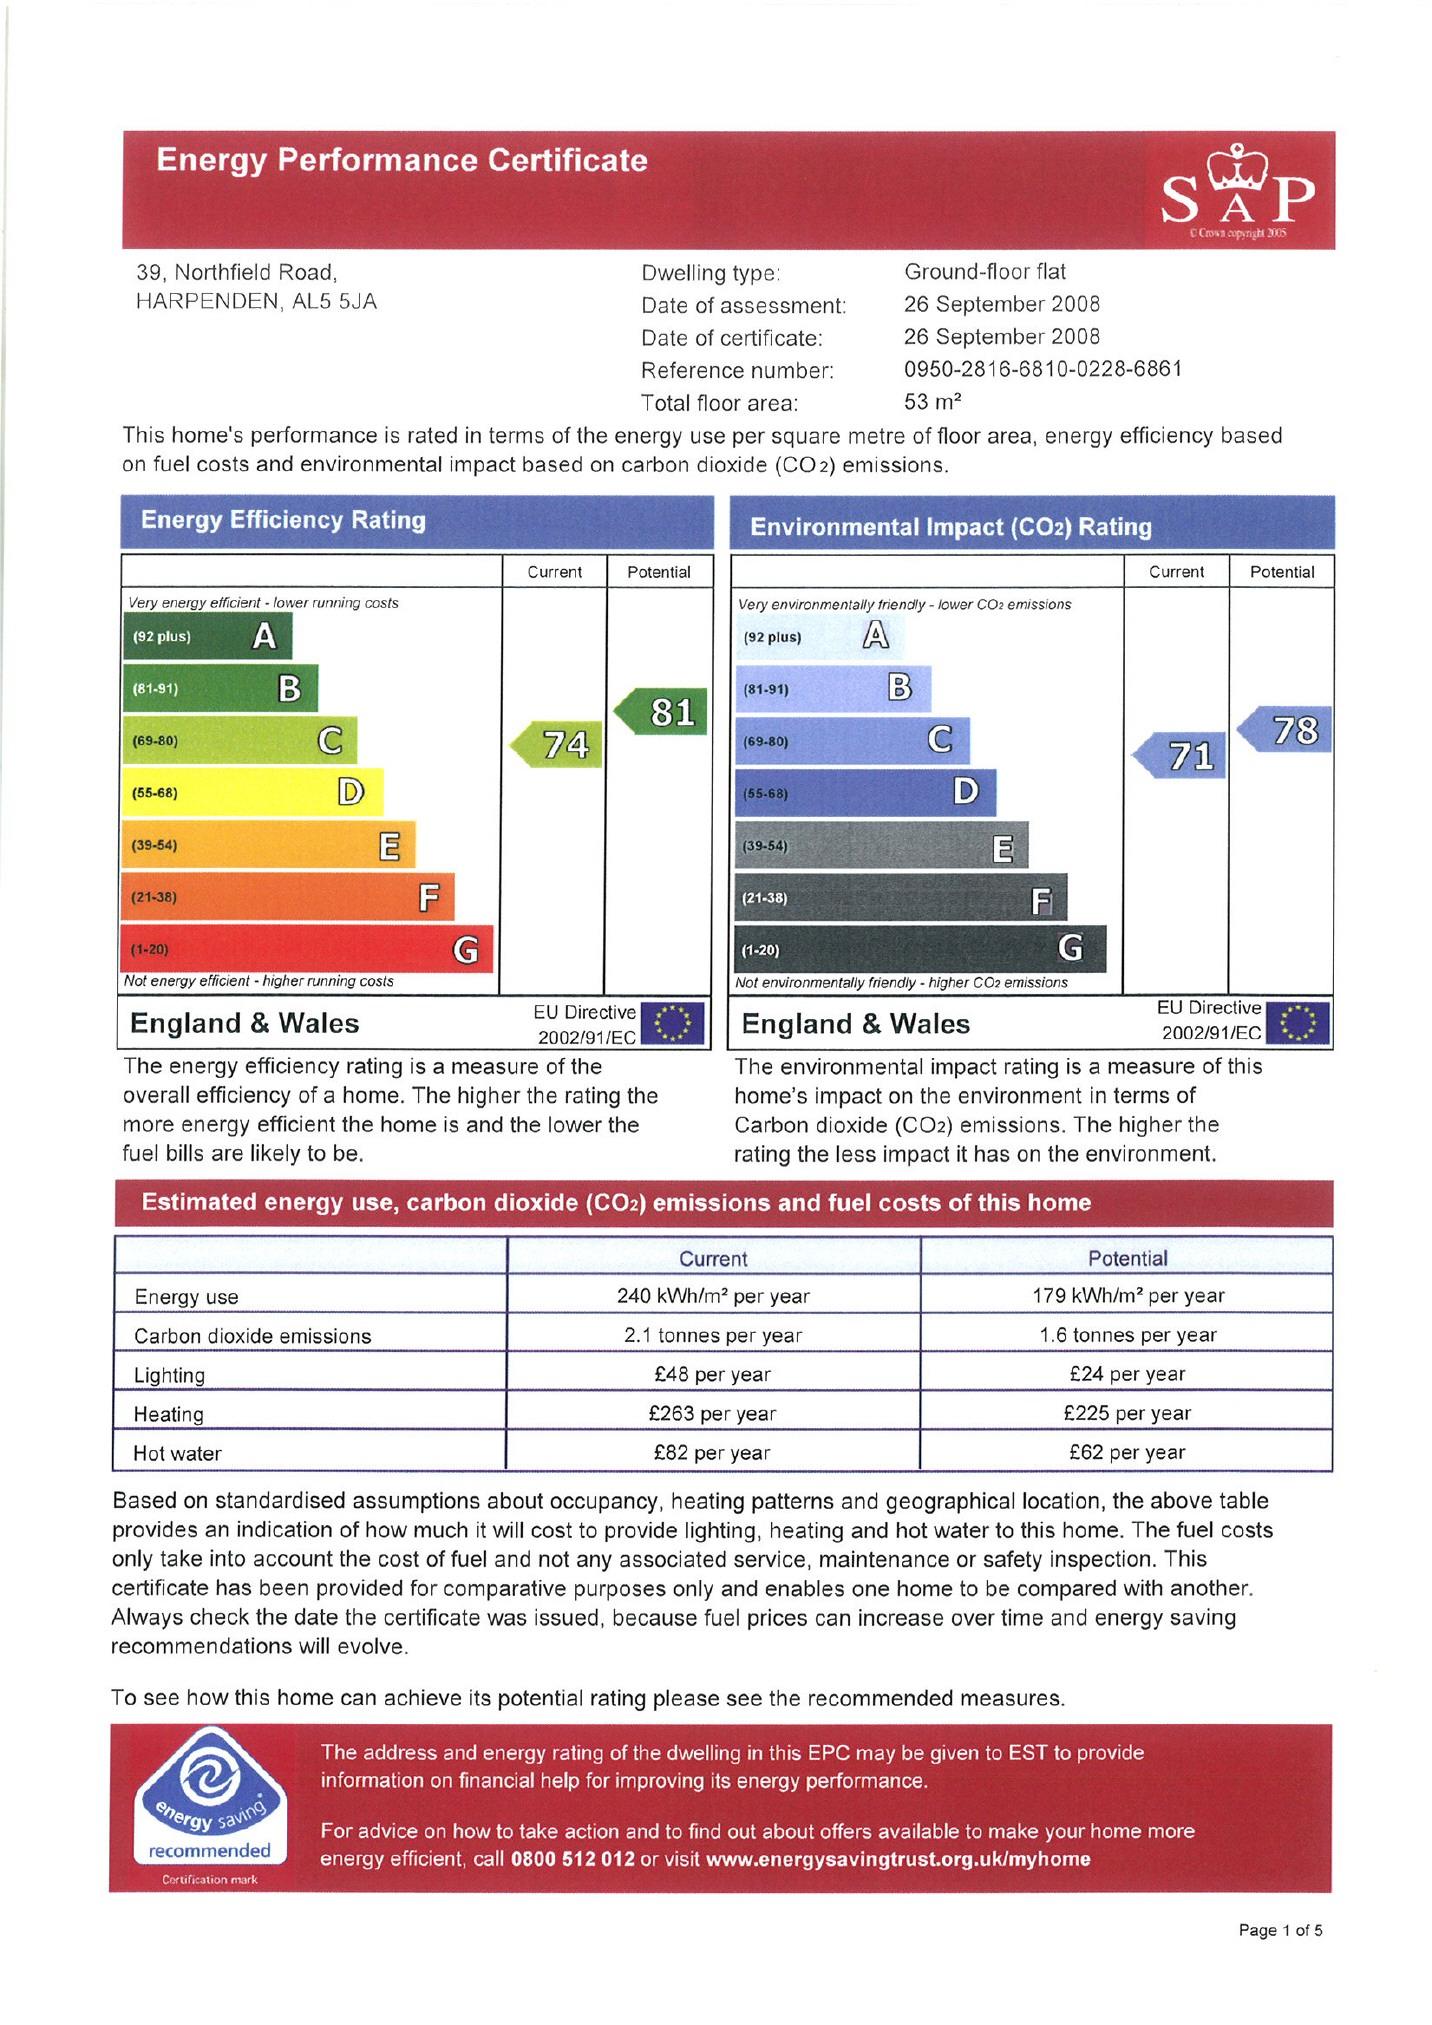 EPC Graph for Northfield Road, Harpenden, Hertfordshire, AL5